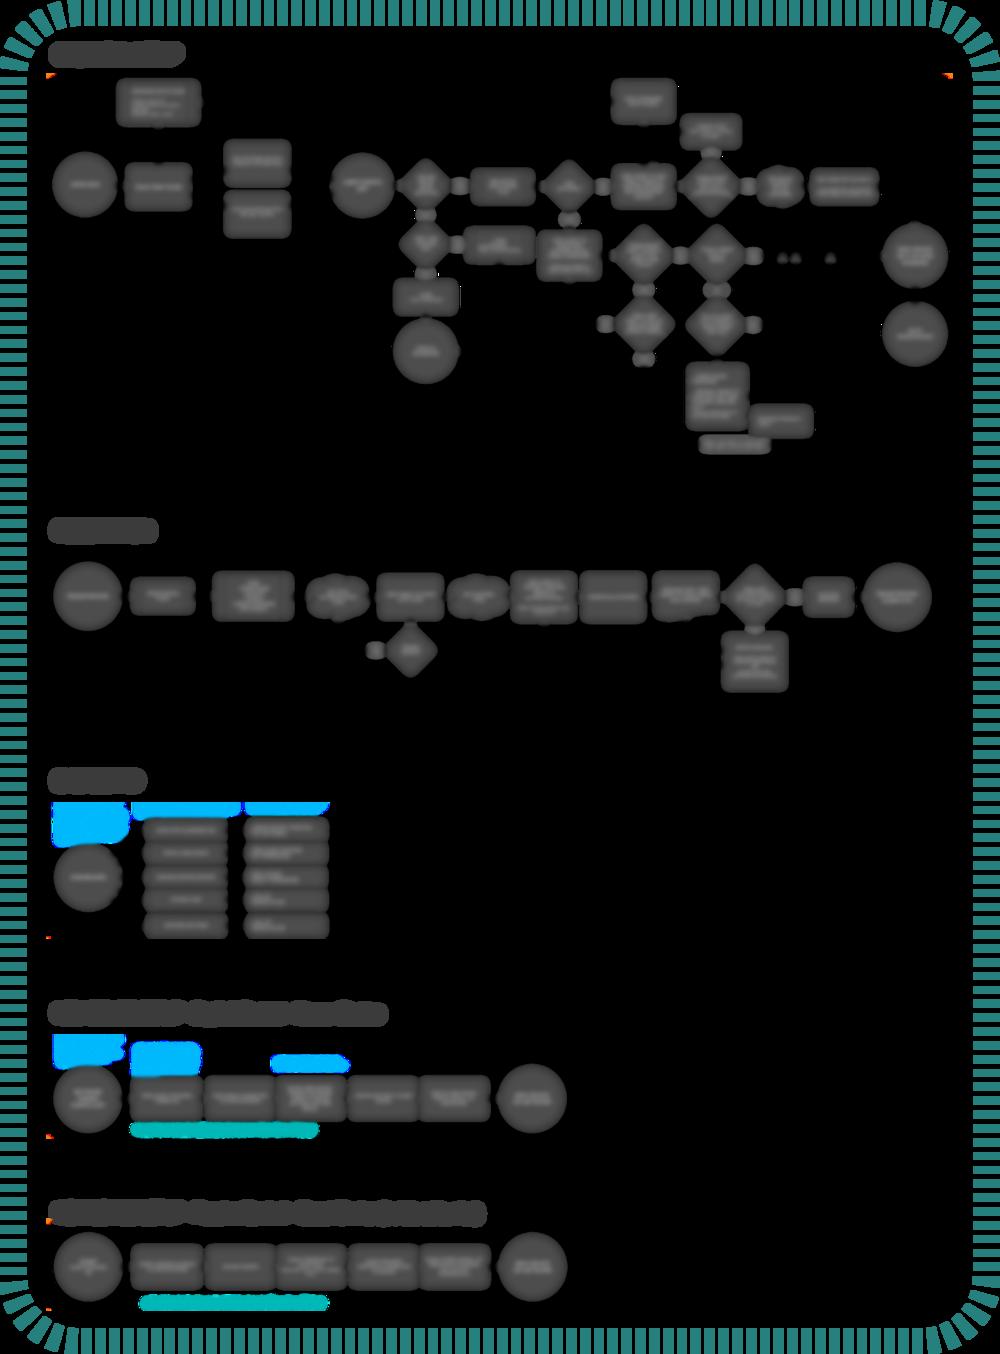 BG_NEWflow-v2f3.png